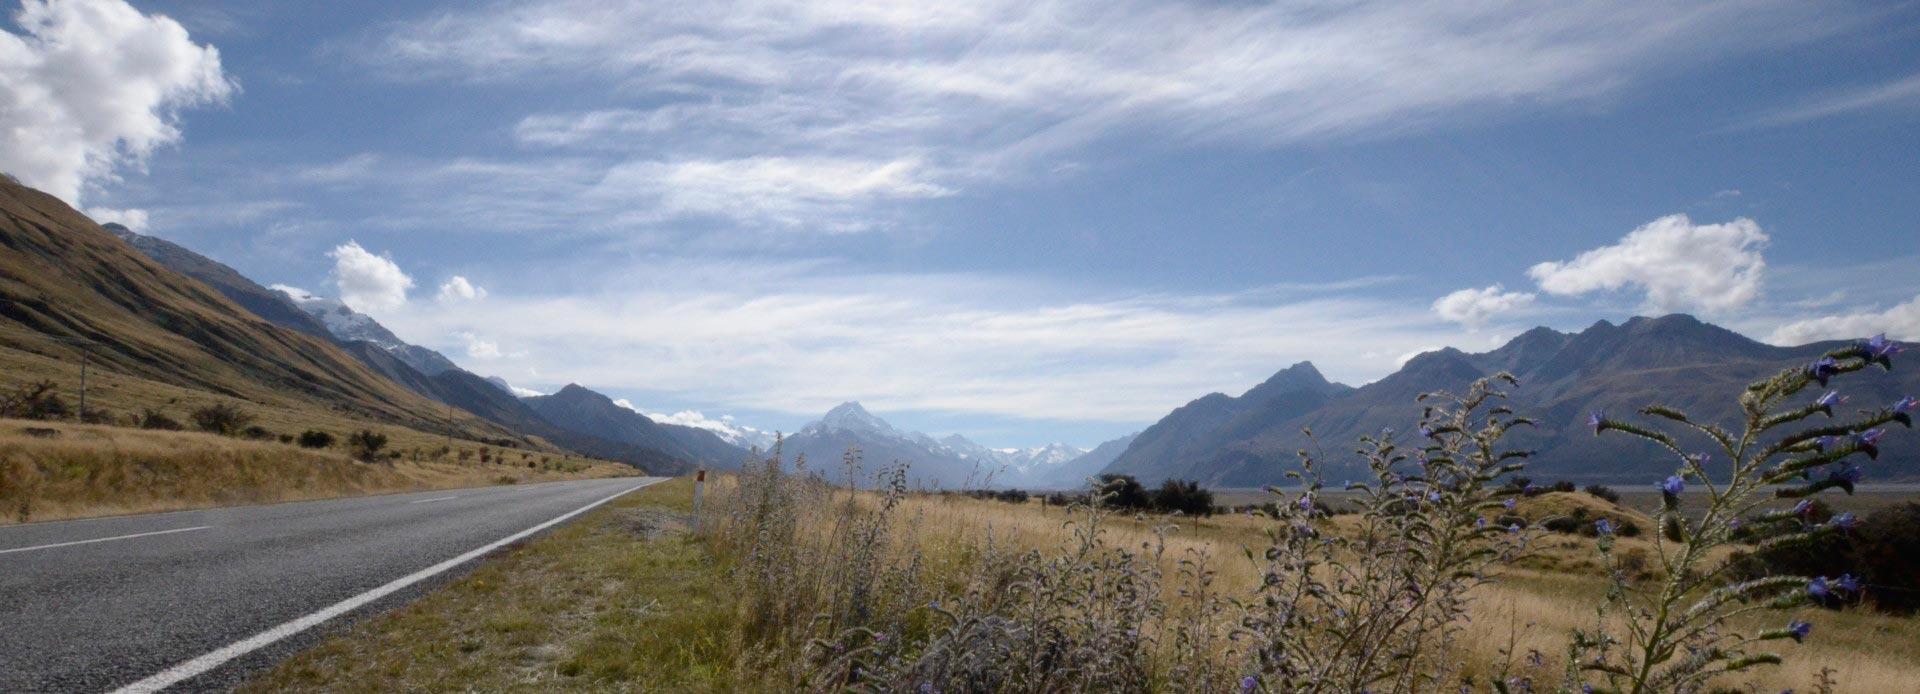 Neuseeland auf dem Weg zum Mount Cook